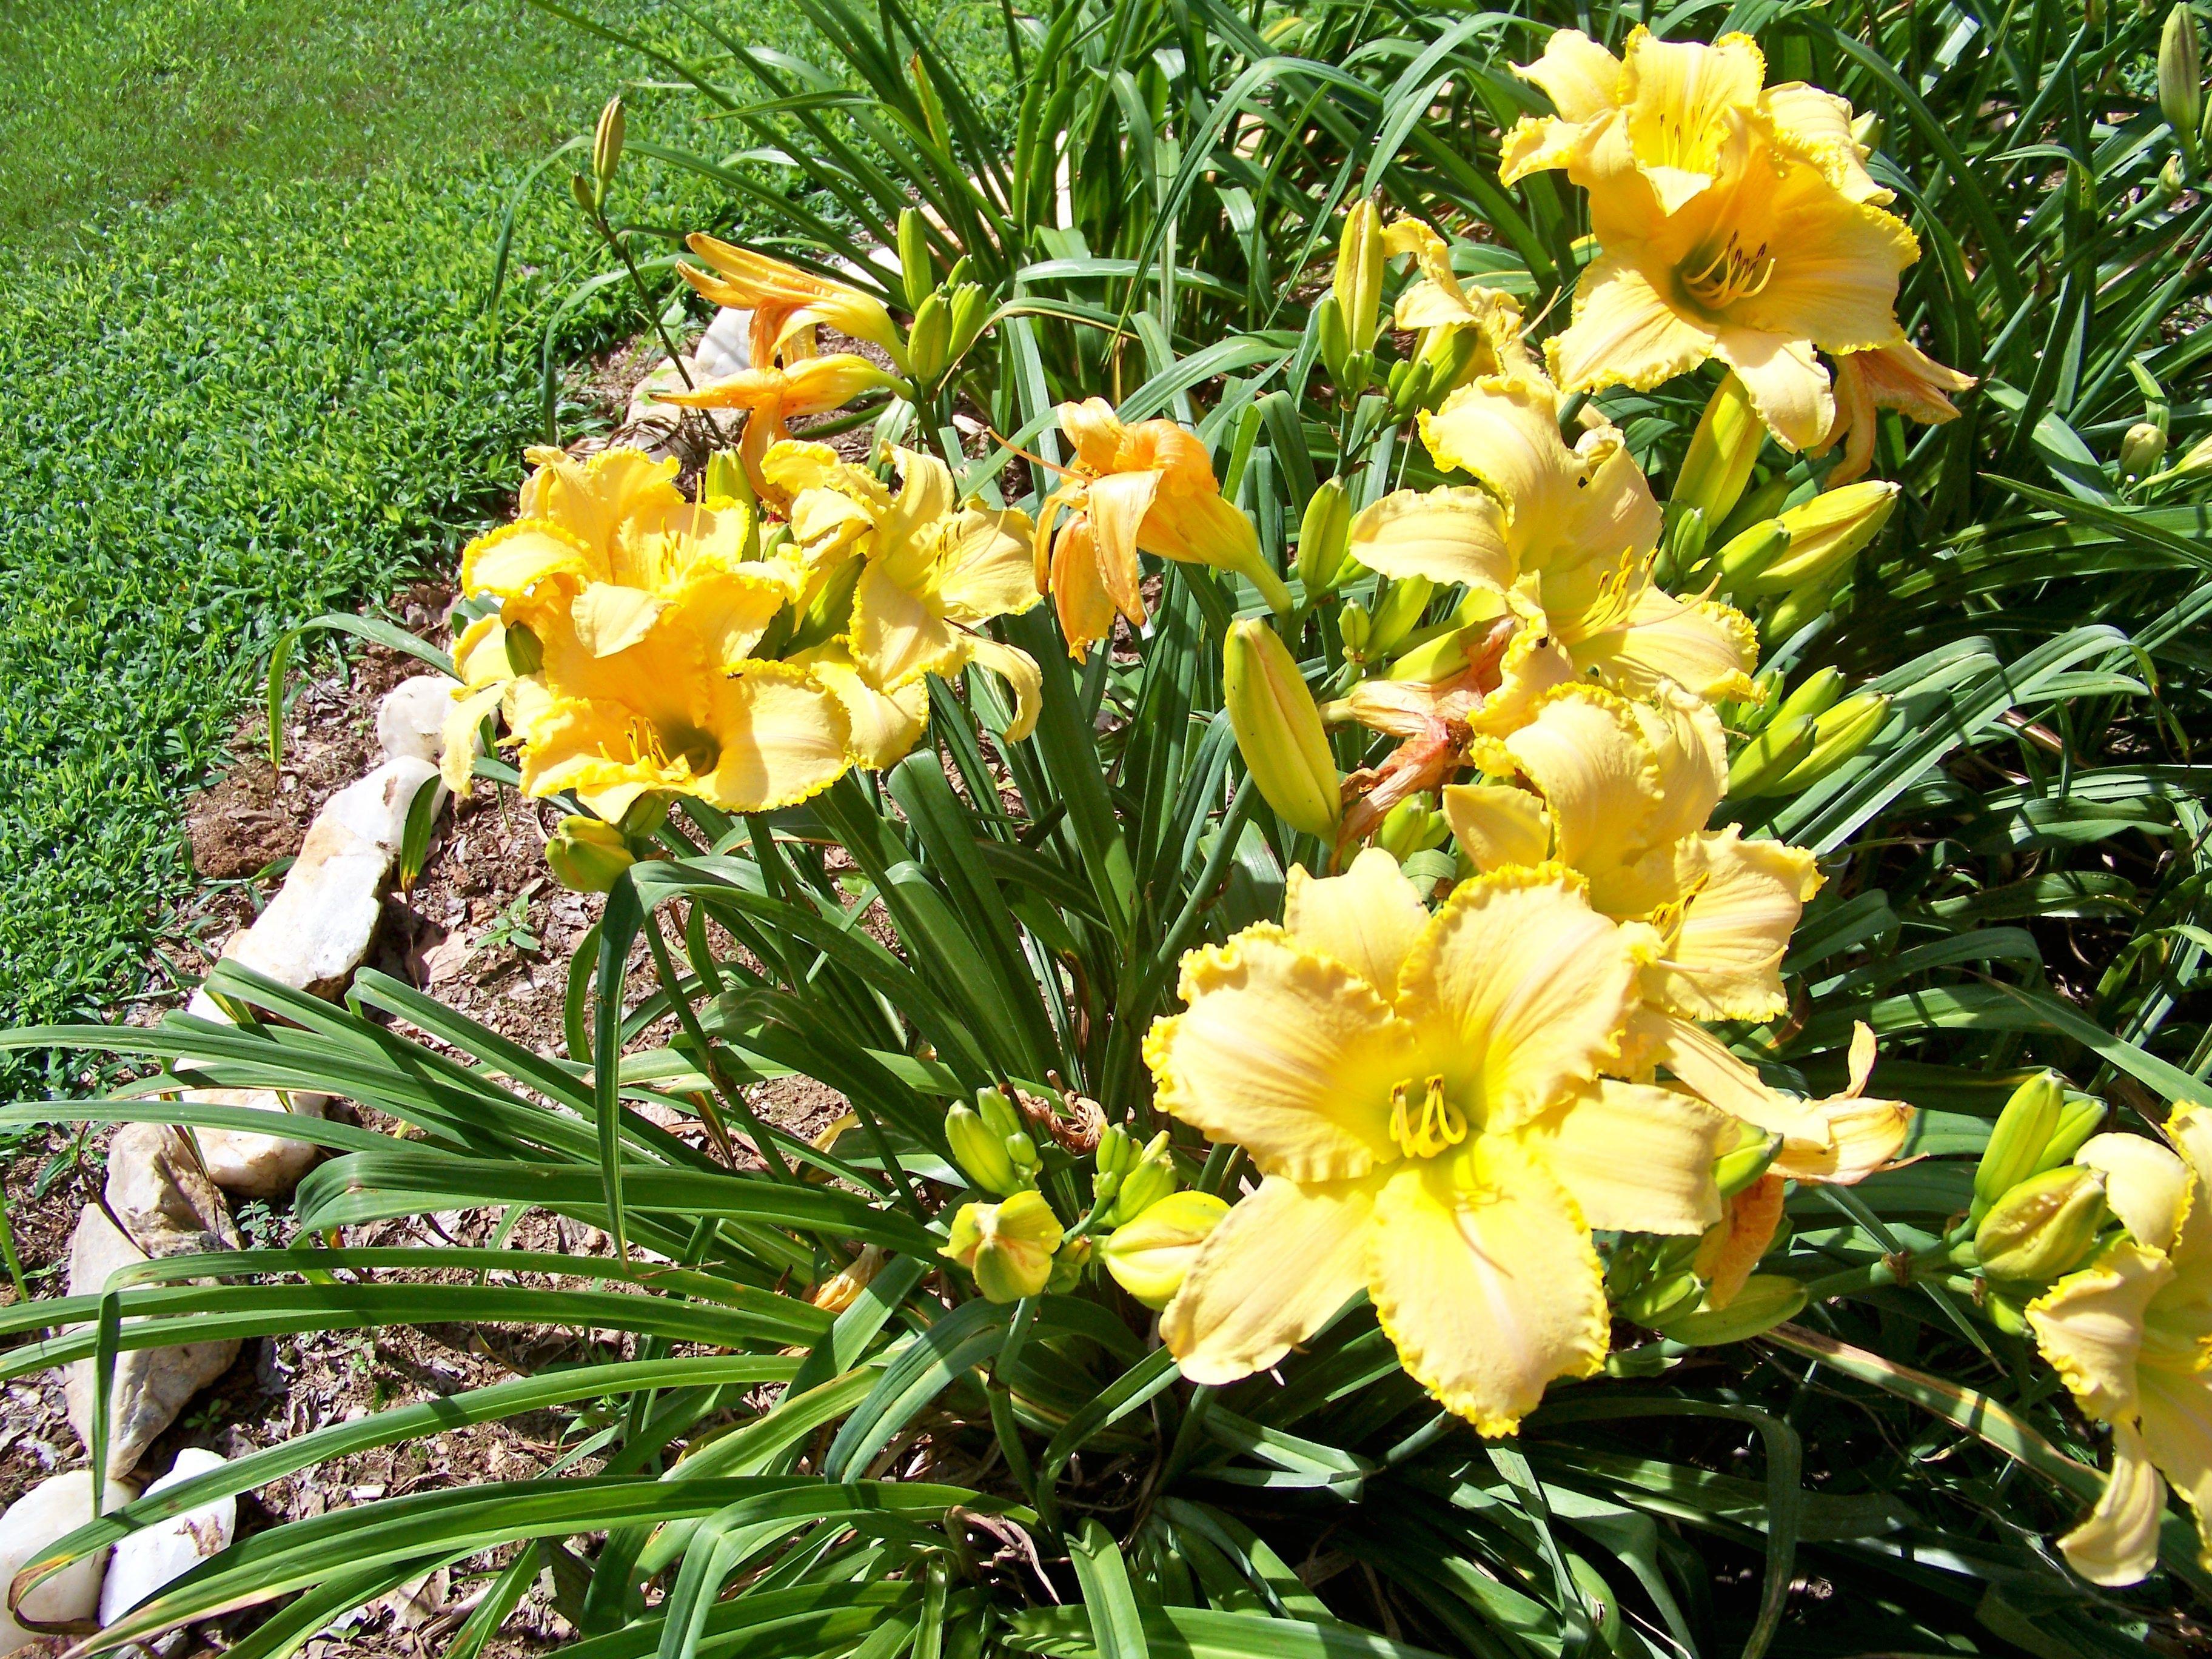 Daylily at Mazie's Garden